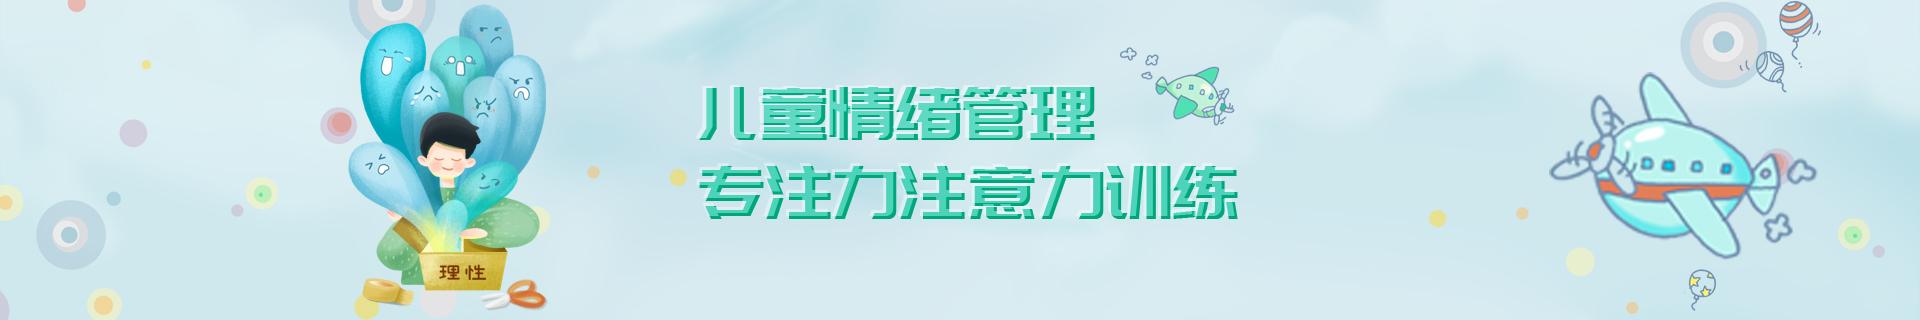 广州海珠区筑心园教育机构